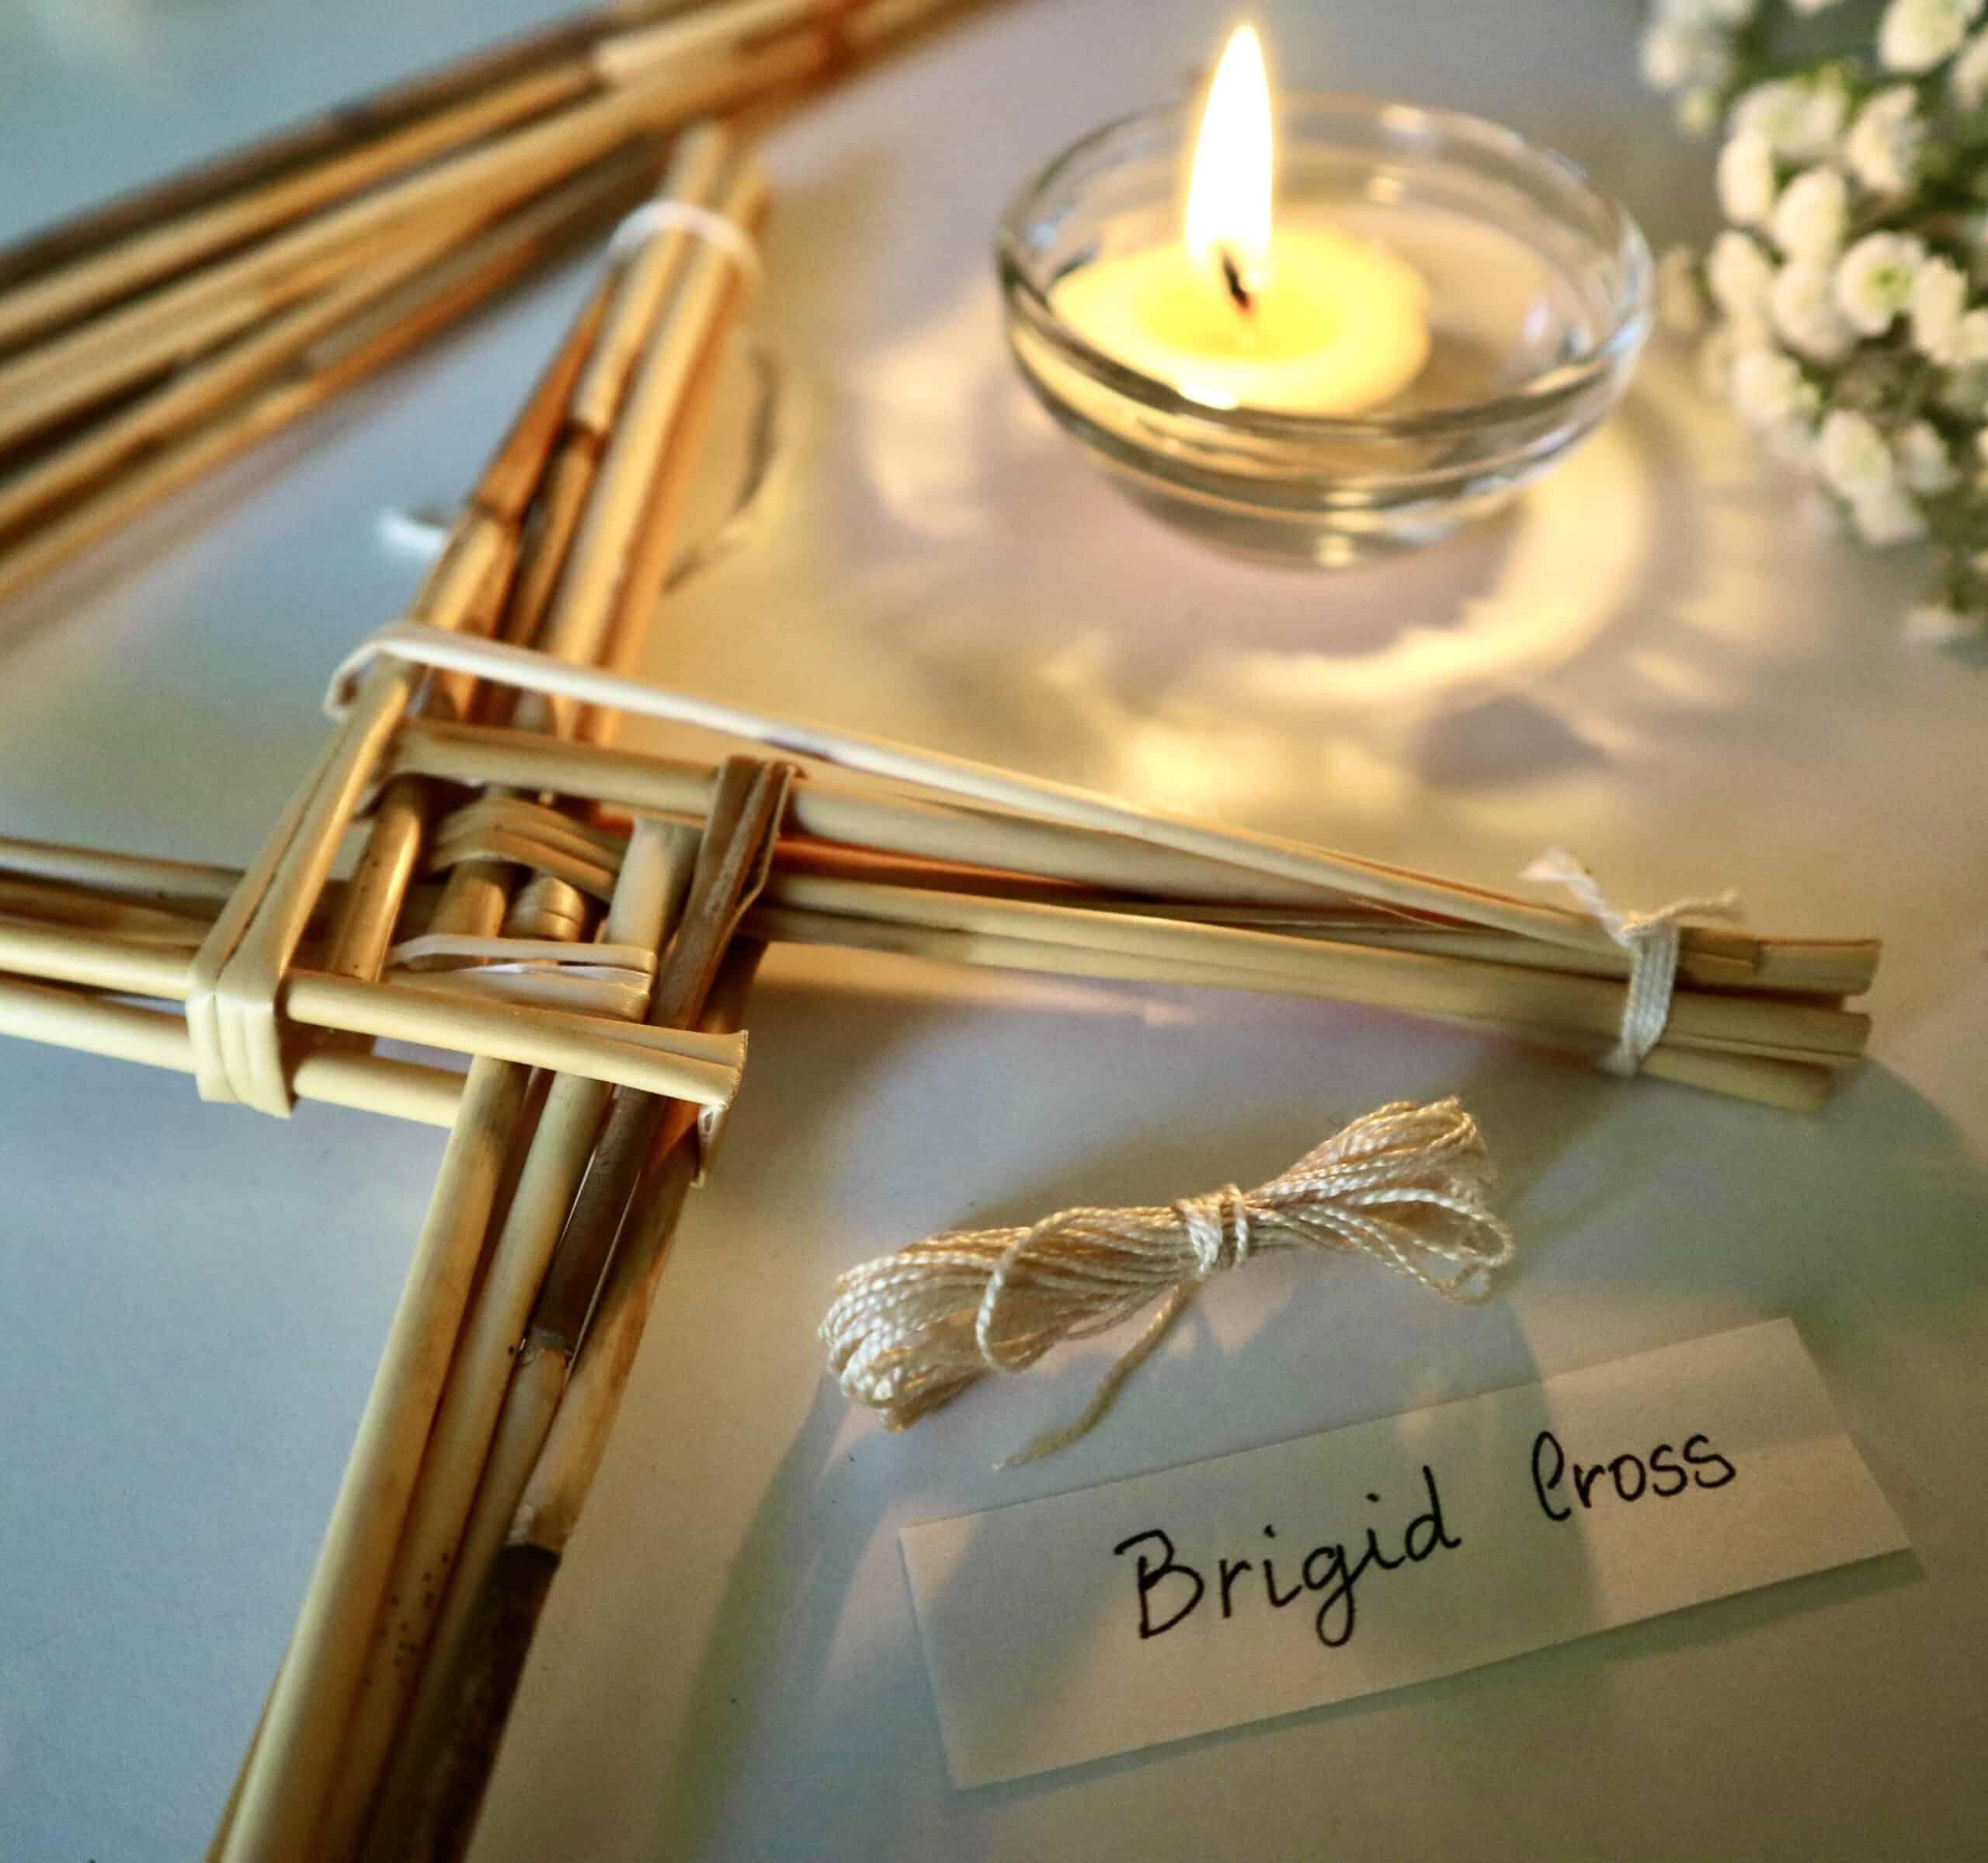 Croce di Brigid